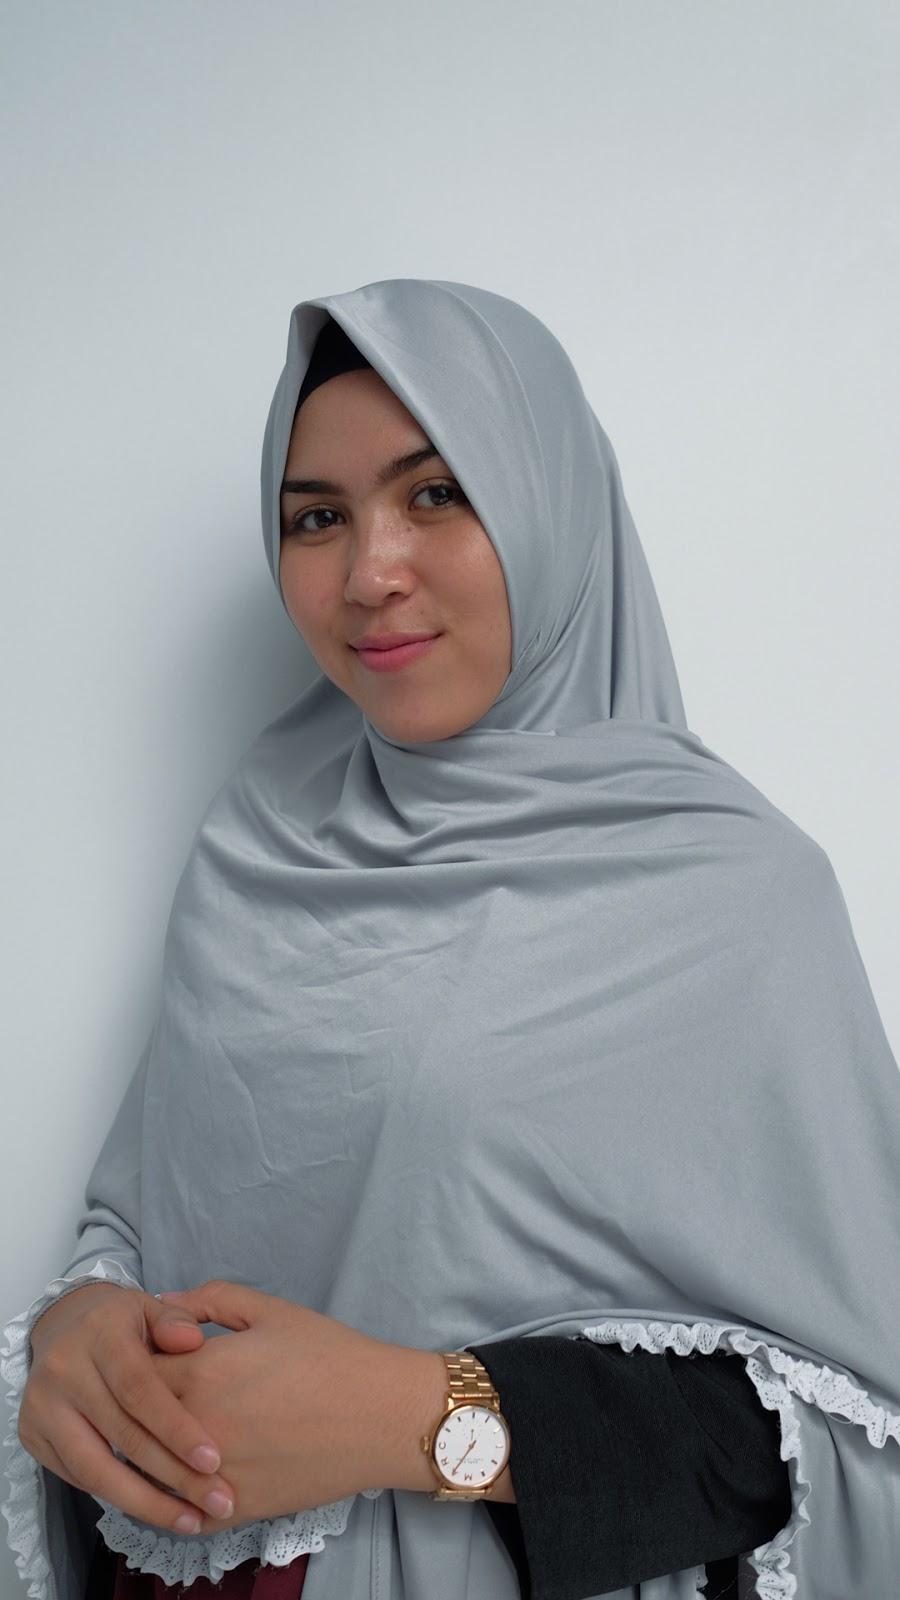 wallpaper muslimah terbaru pipi tembem dan manis cewek hijab